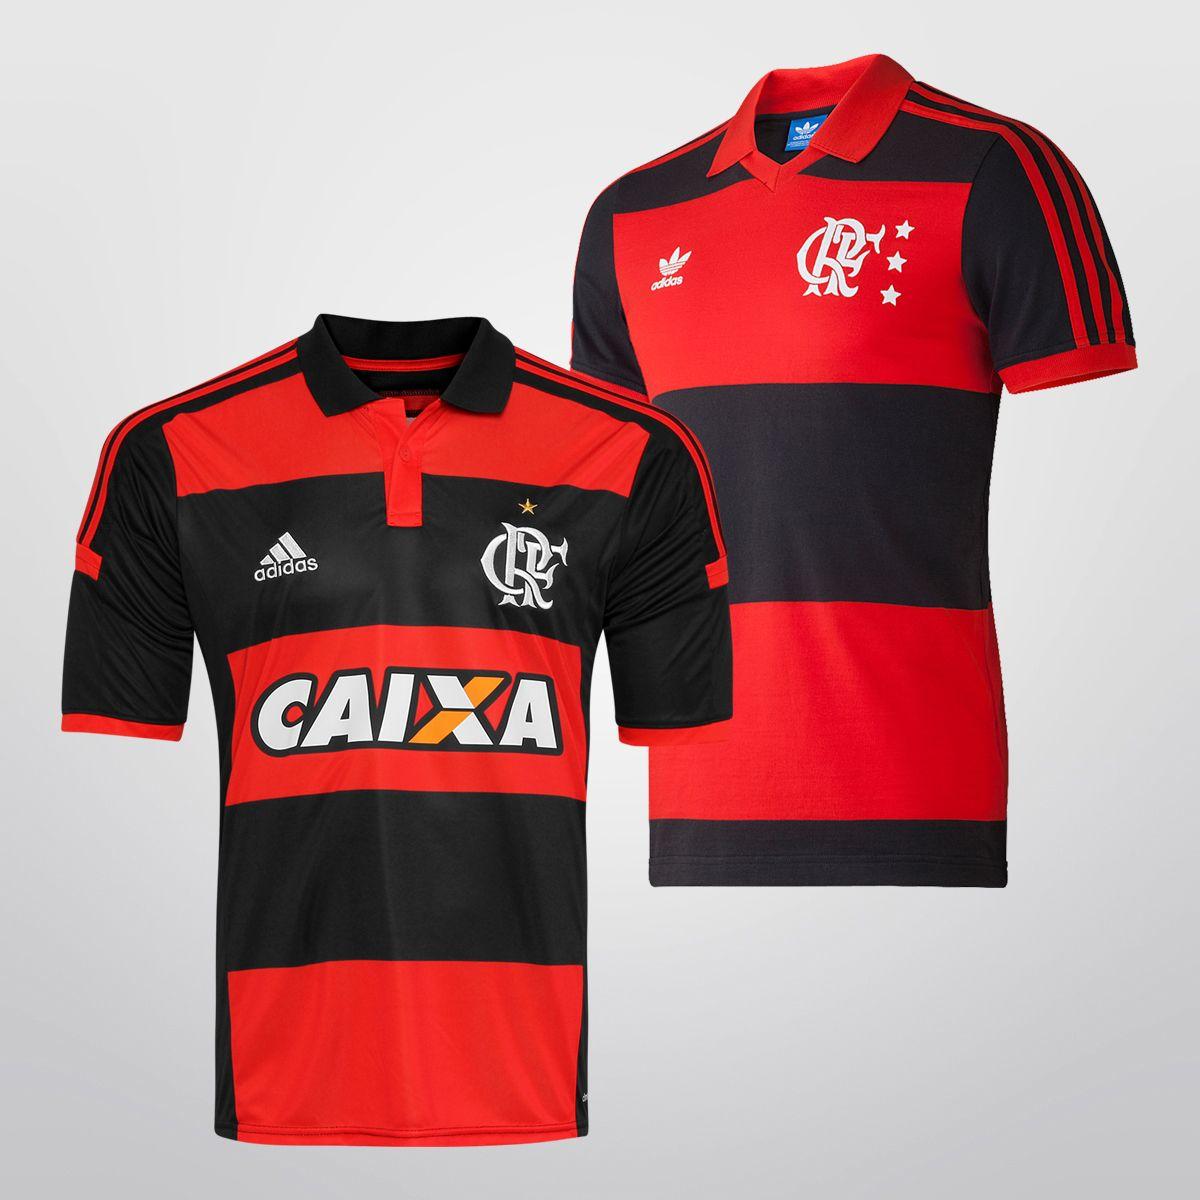 2e97396475 Camisa Adidas Flamengo I 14 15 + Camisa Retrô